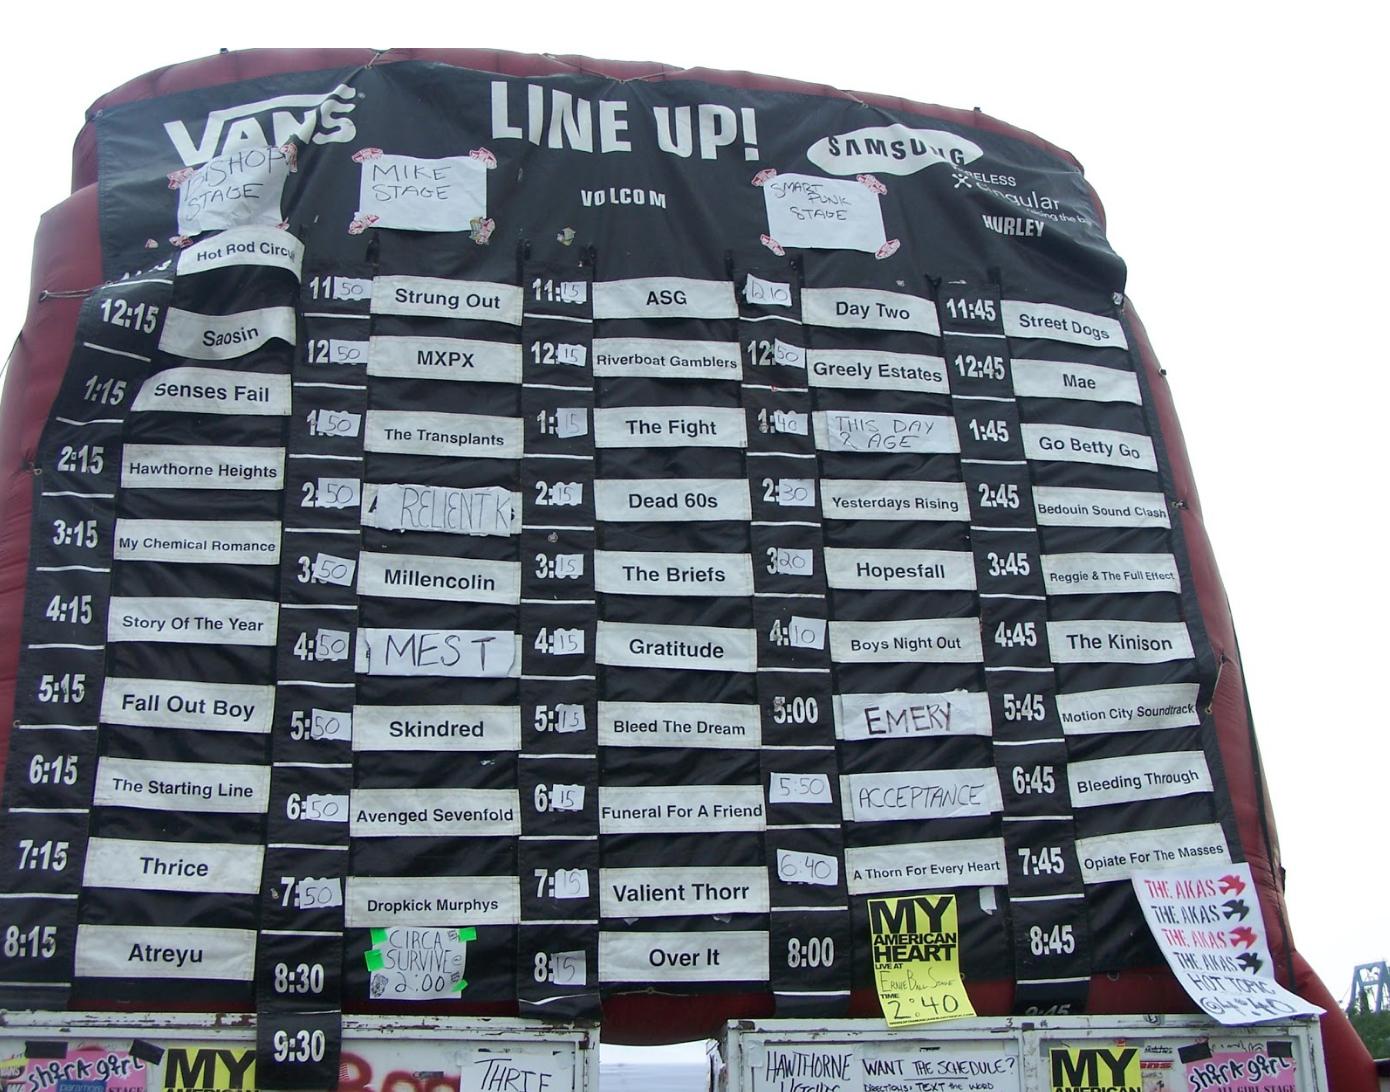 Warped Lineup 2004